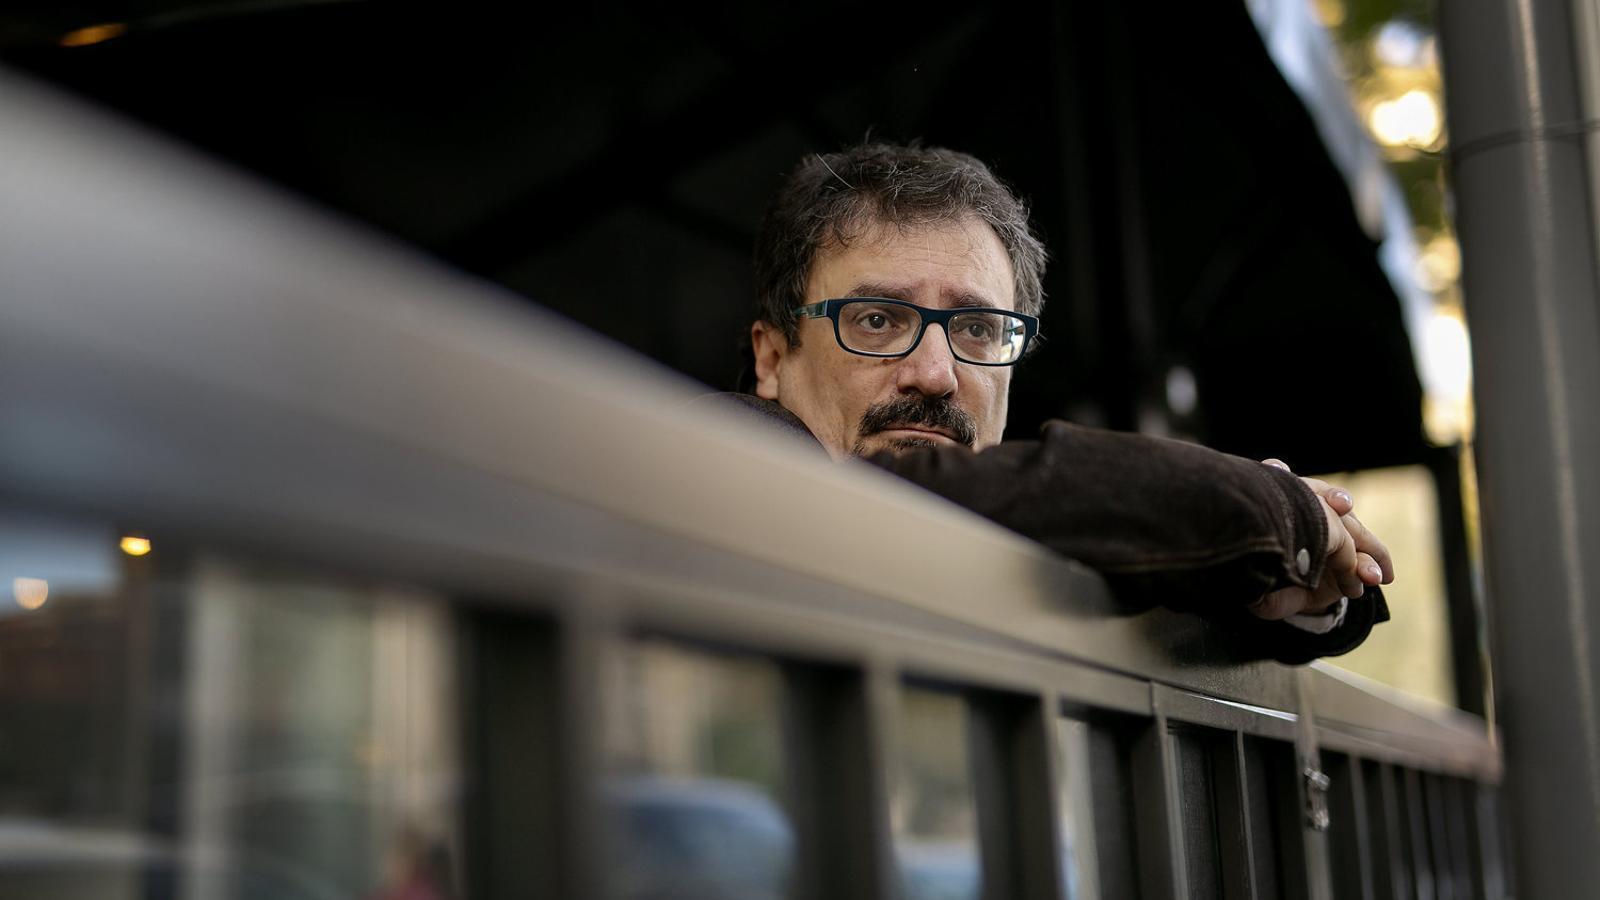 """Albert Sánchez Piñol: """"La gent vol que la manin, i per això és inútil qualsevol revolució"""""""